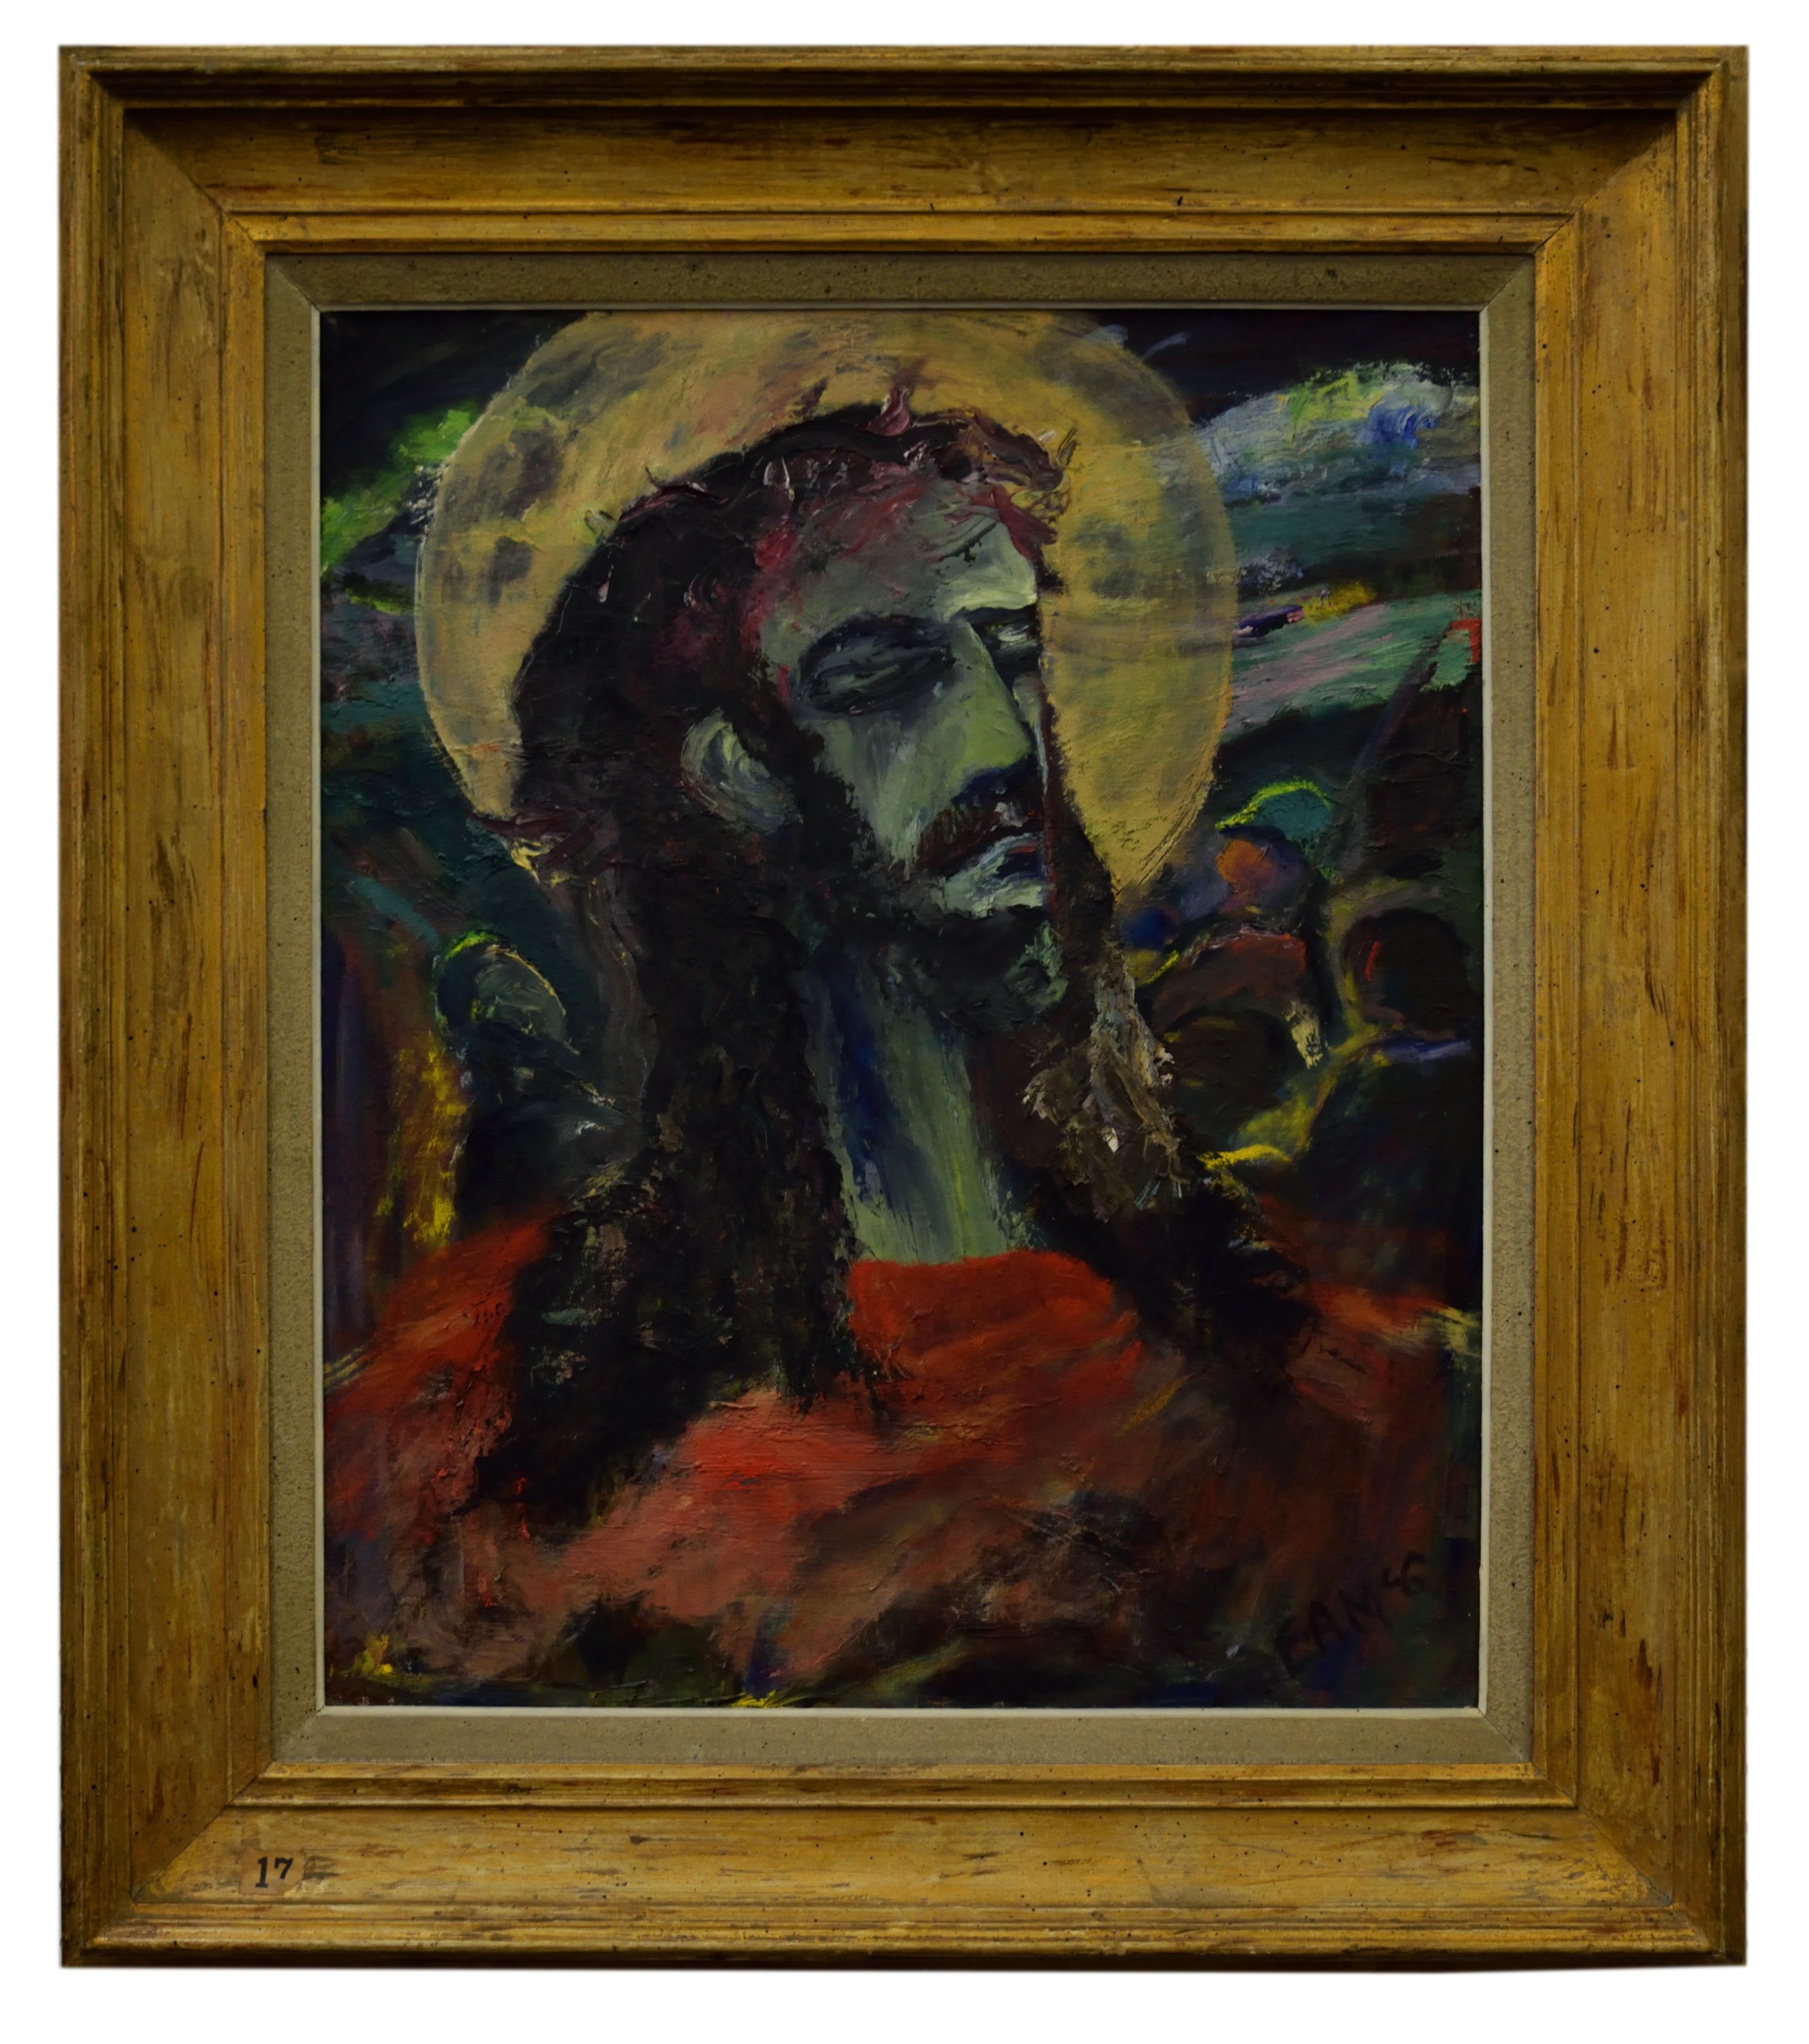 EDWARD AUGUSTINE MCGUIRE(1901-1992)